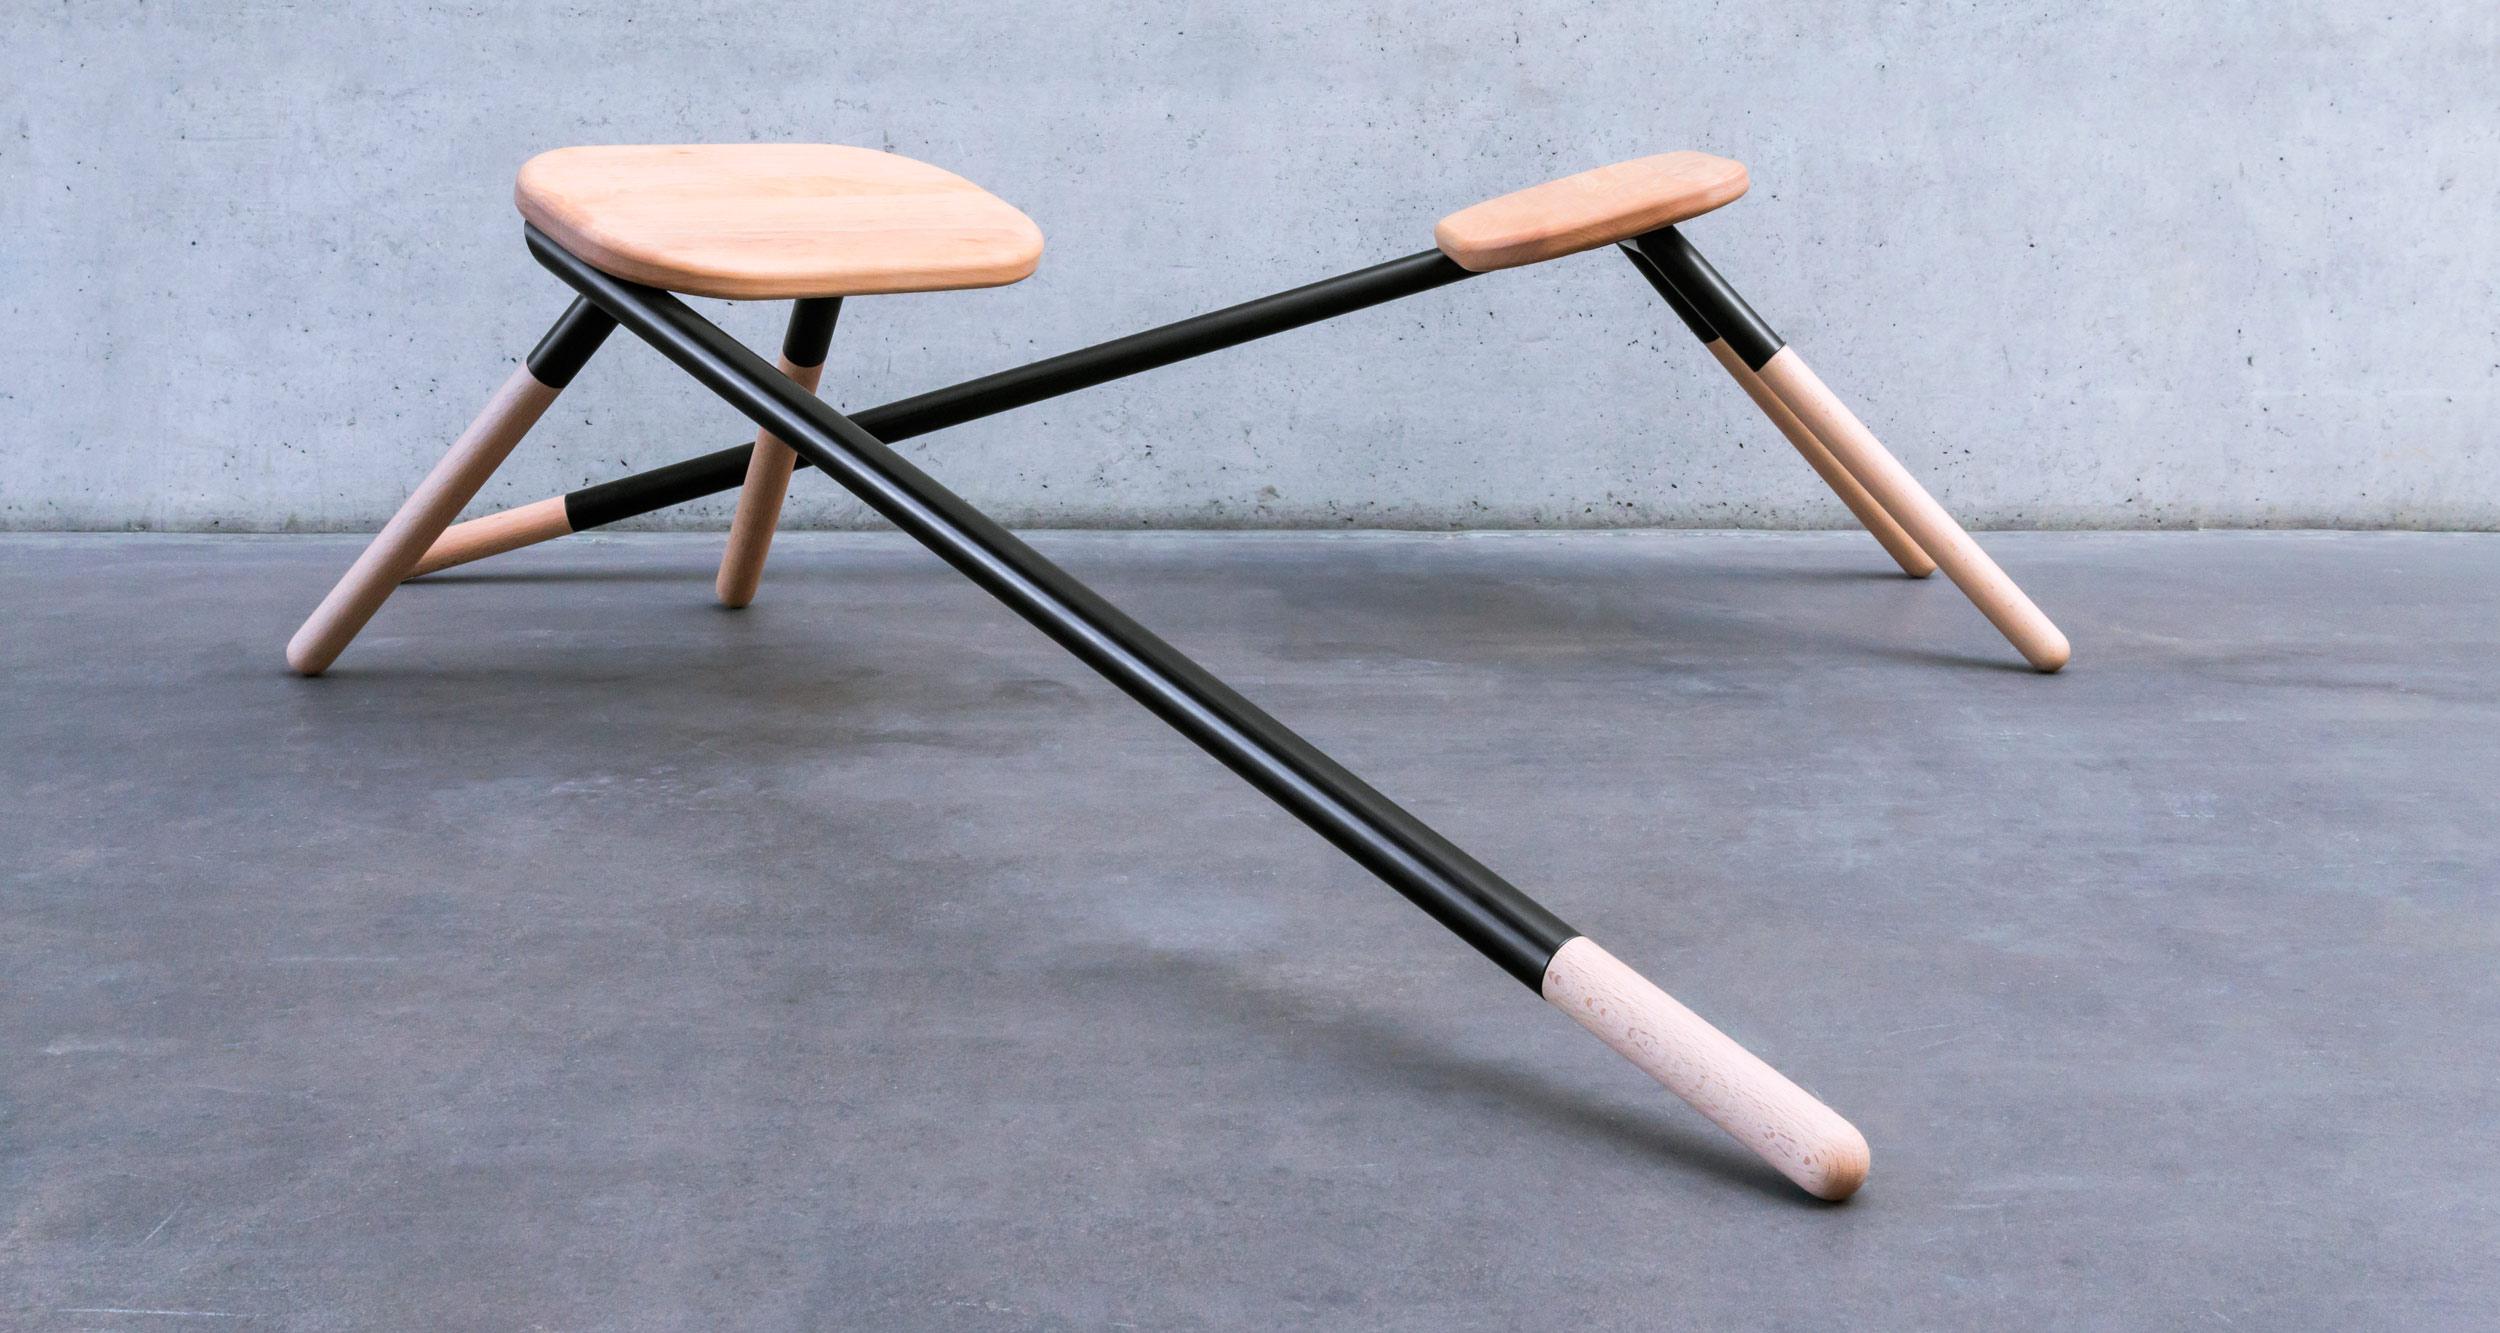 You-Me-&-Modularity-5-Michael-Peel-Design.jpg